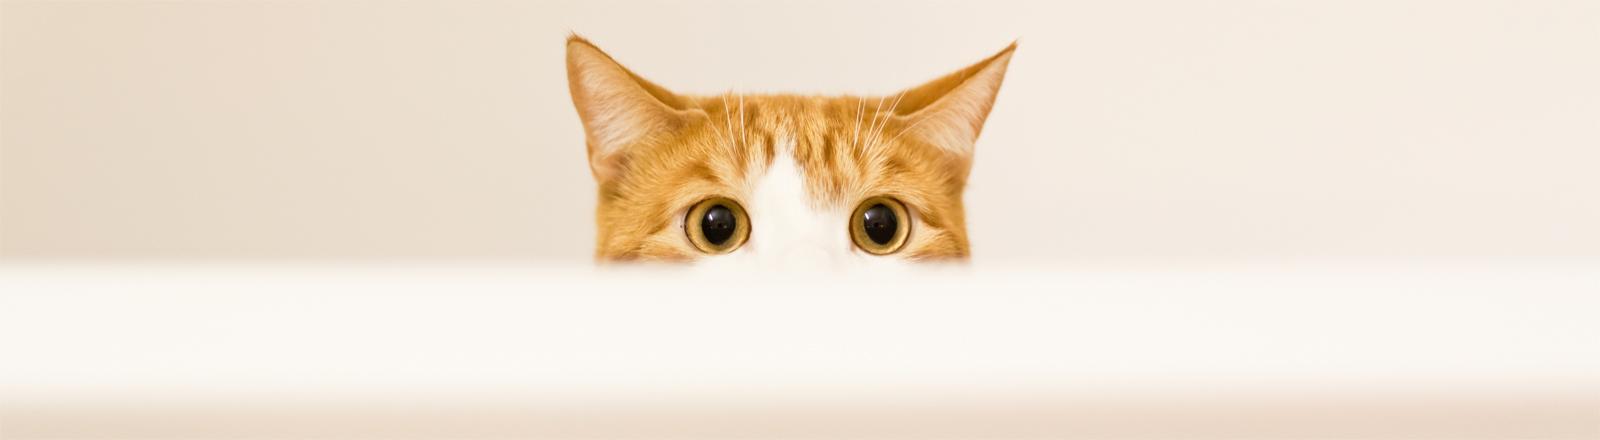 Eine Katze schaut über einen Badewannenrand.